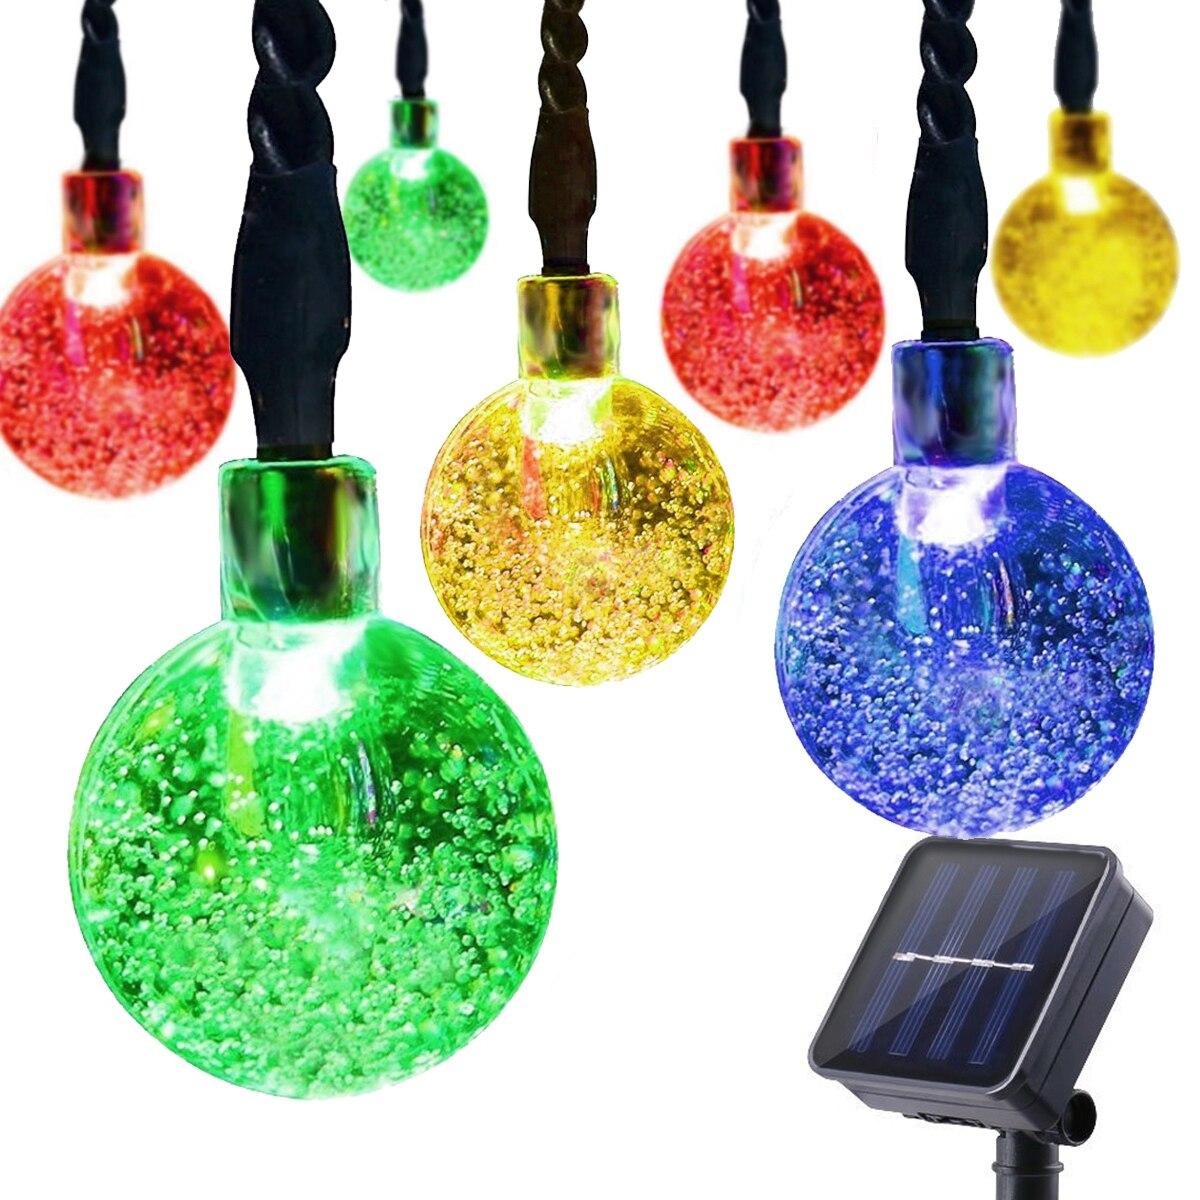 Dcoo Solaire Jeu de Lumières Globe Balle 30 LED Éclairage Sloar Alimenté String Party Lumières Extérieures Chaîne Décoration De Mariage Coloré